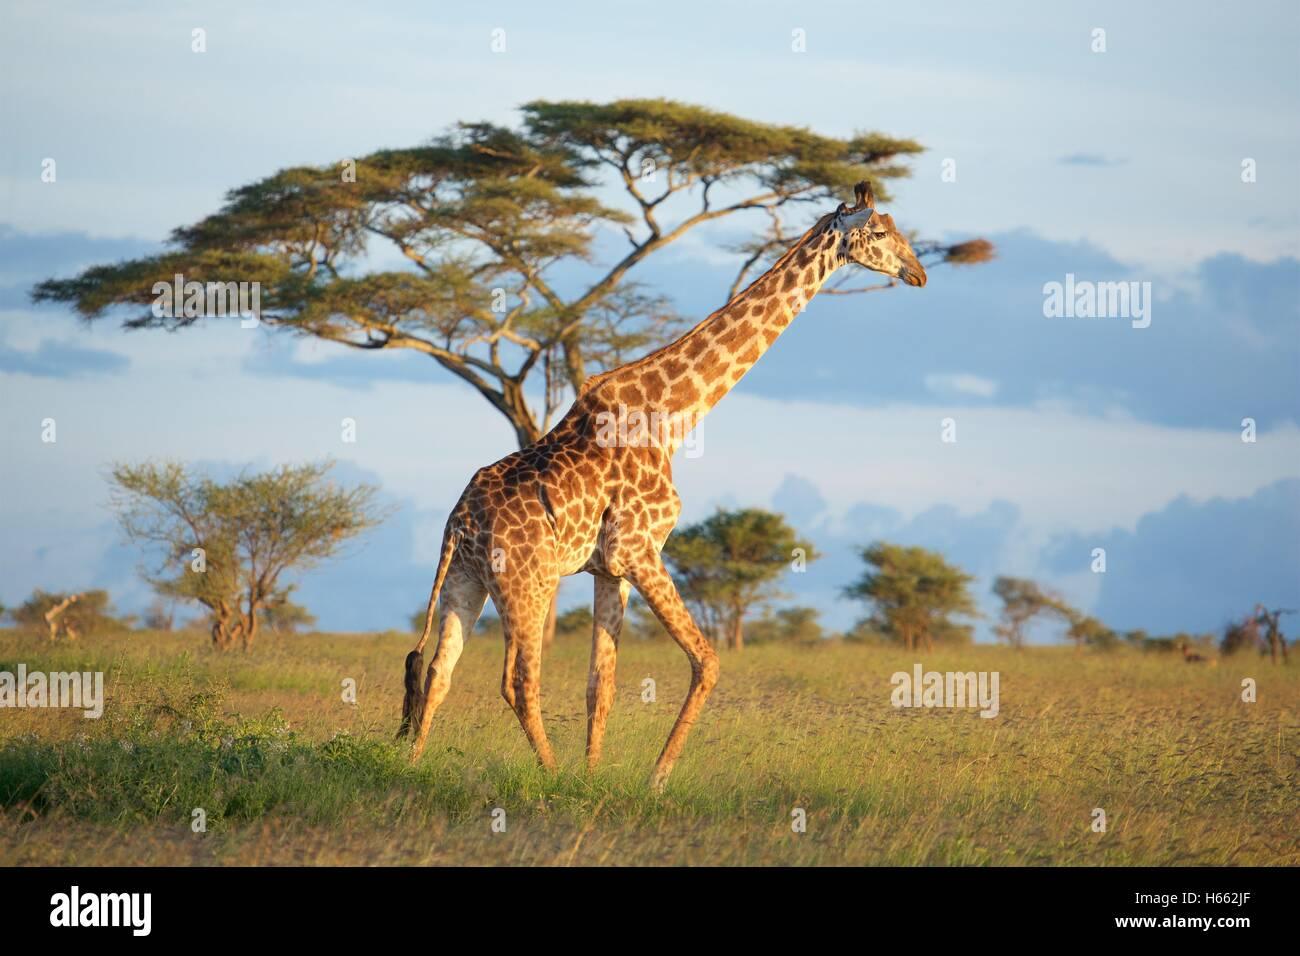 Visualizzazione di una giraffa di selvatico su safari nel Serengeti National Park, Tanzania. Immagini Stock